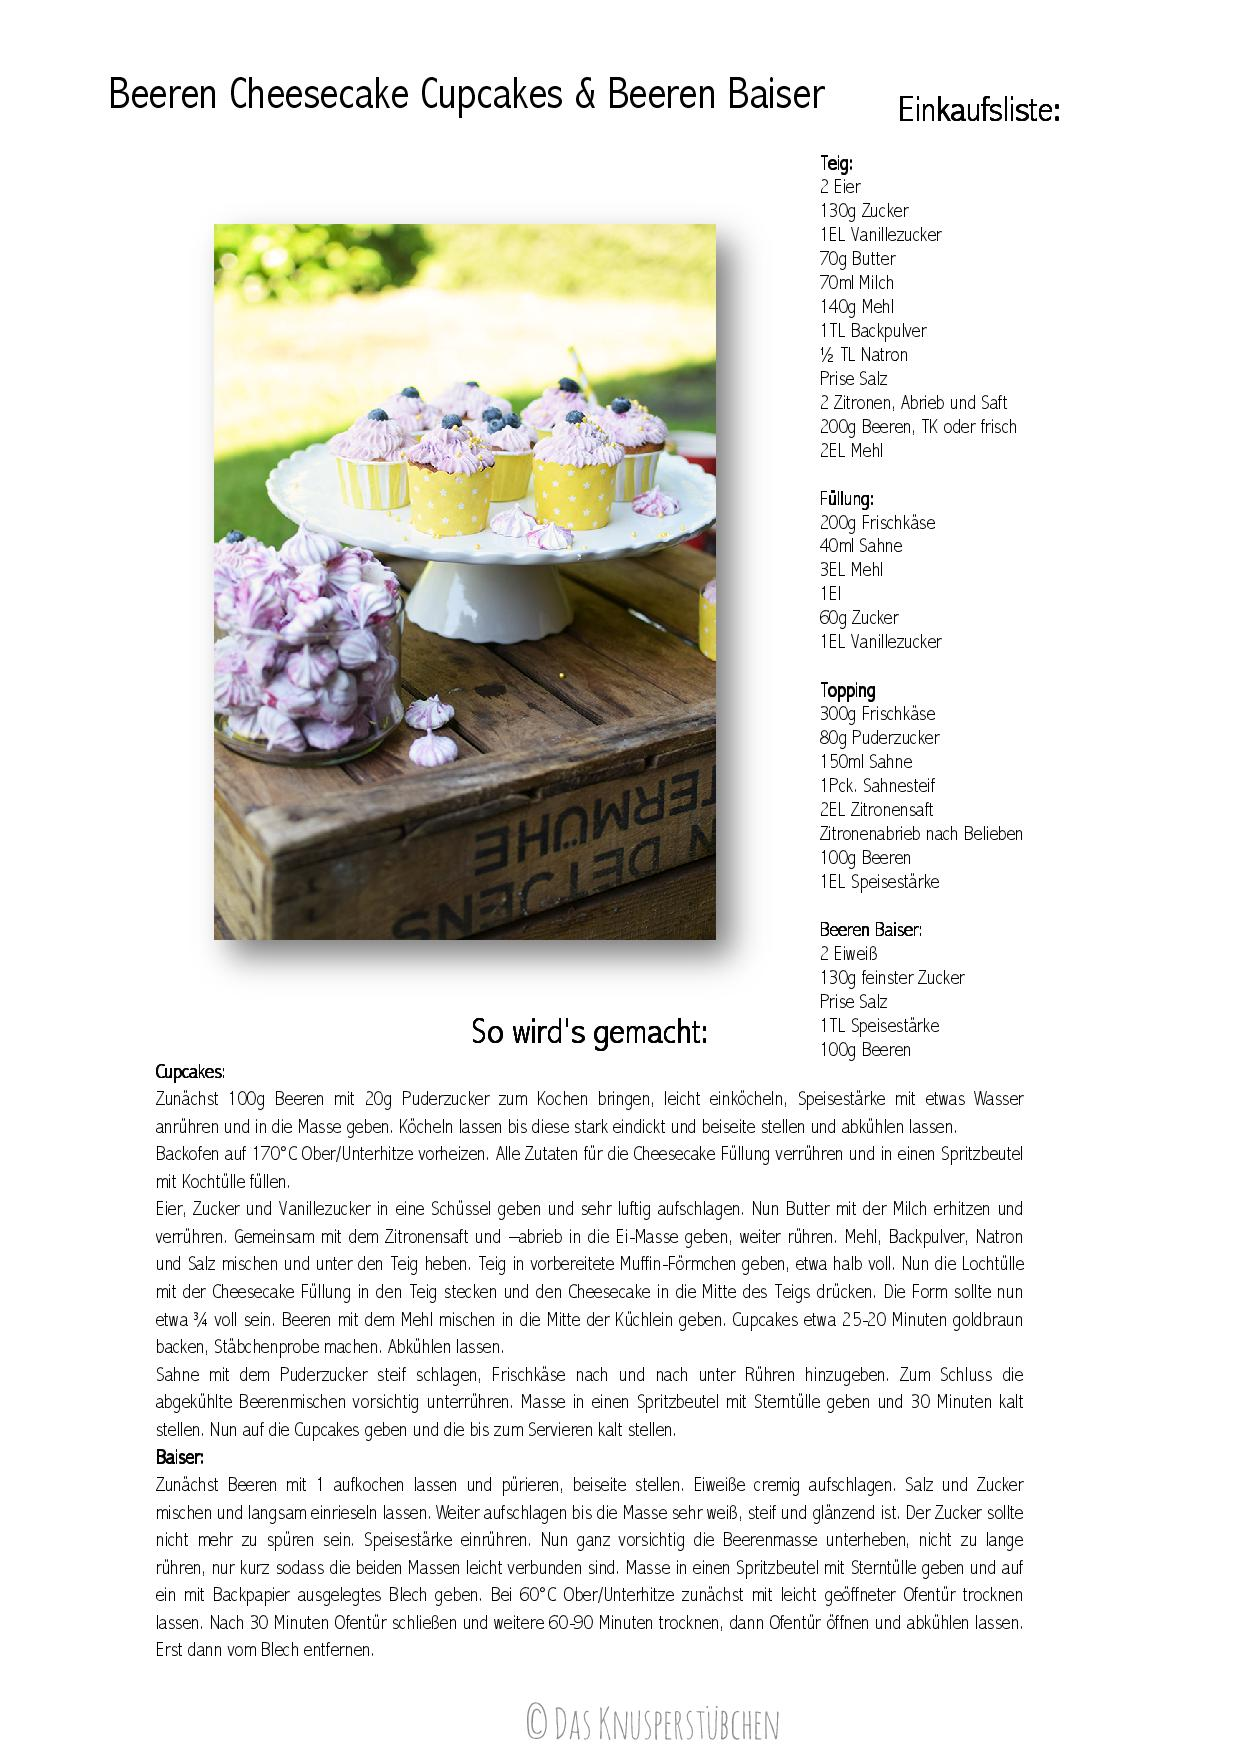 Beeren Cheesecake Cupcakes & Beeren Baiser Rezept-001